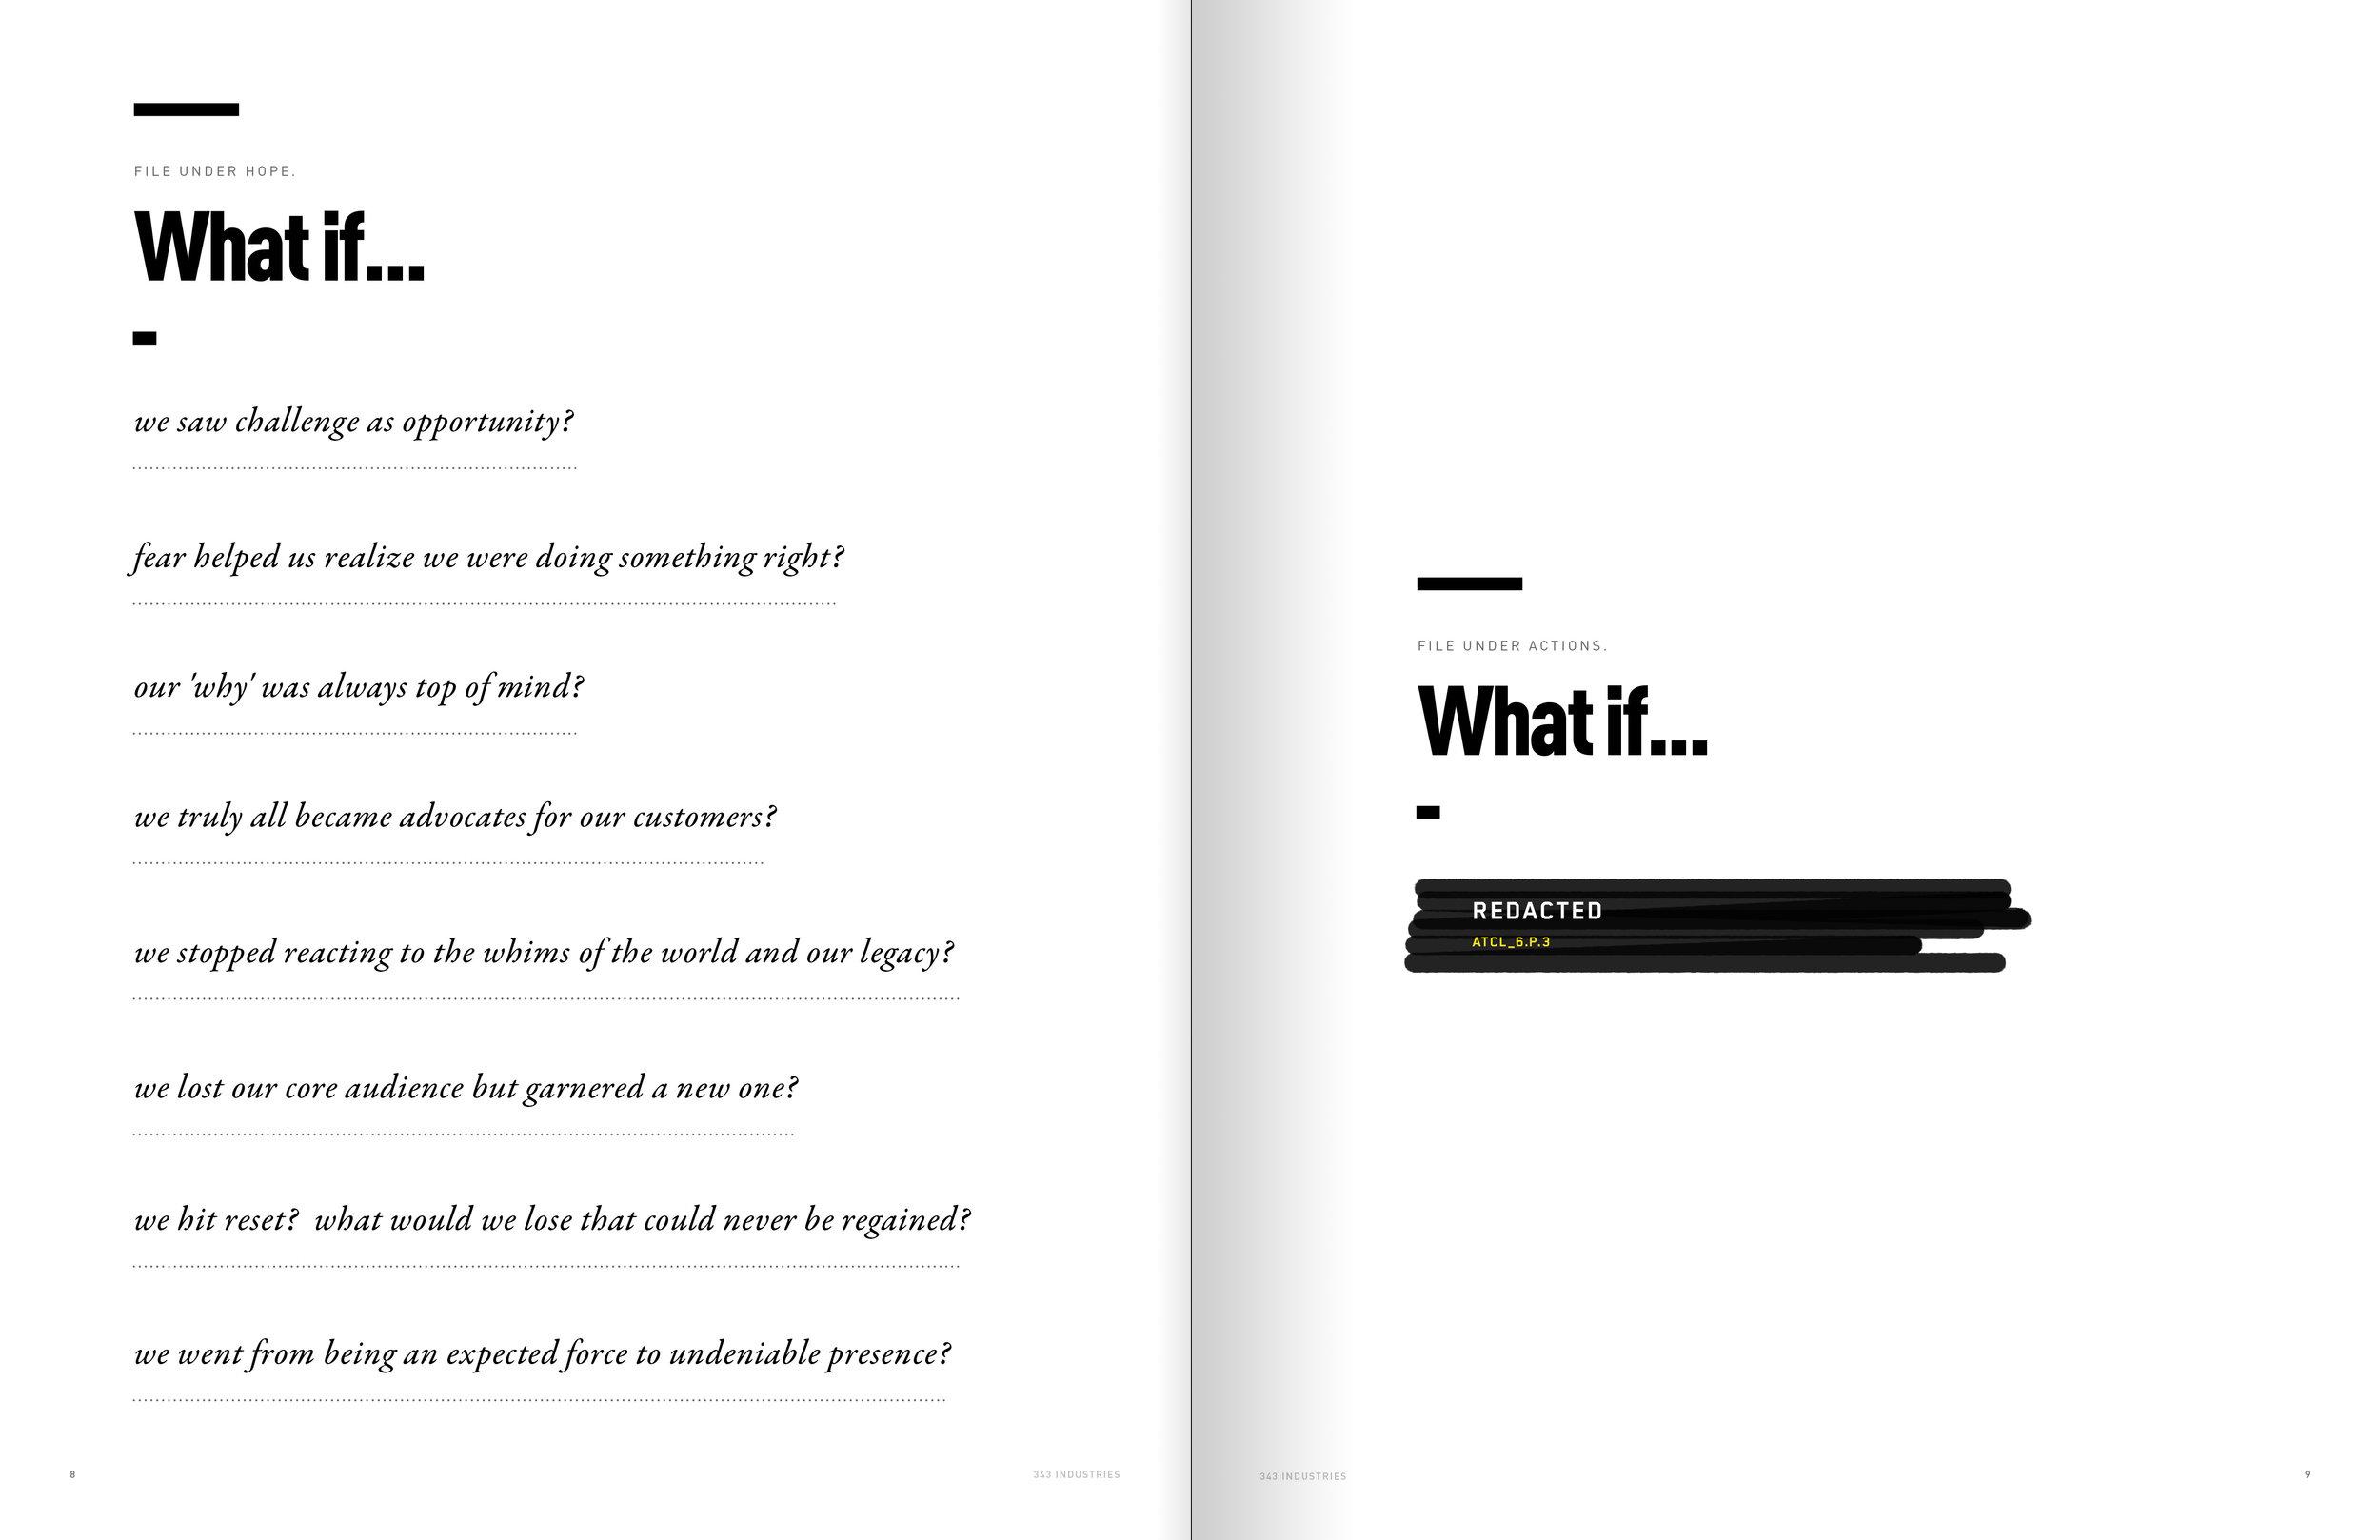 Halo_Reinvention_Book_5.jpg